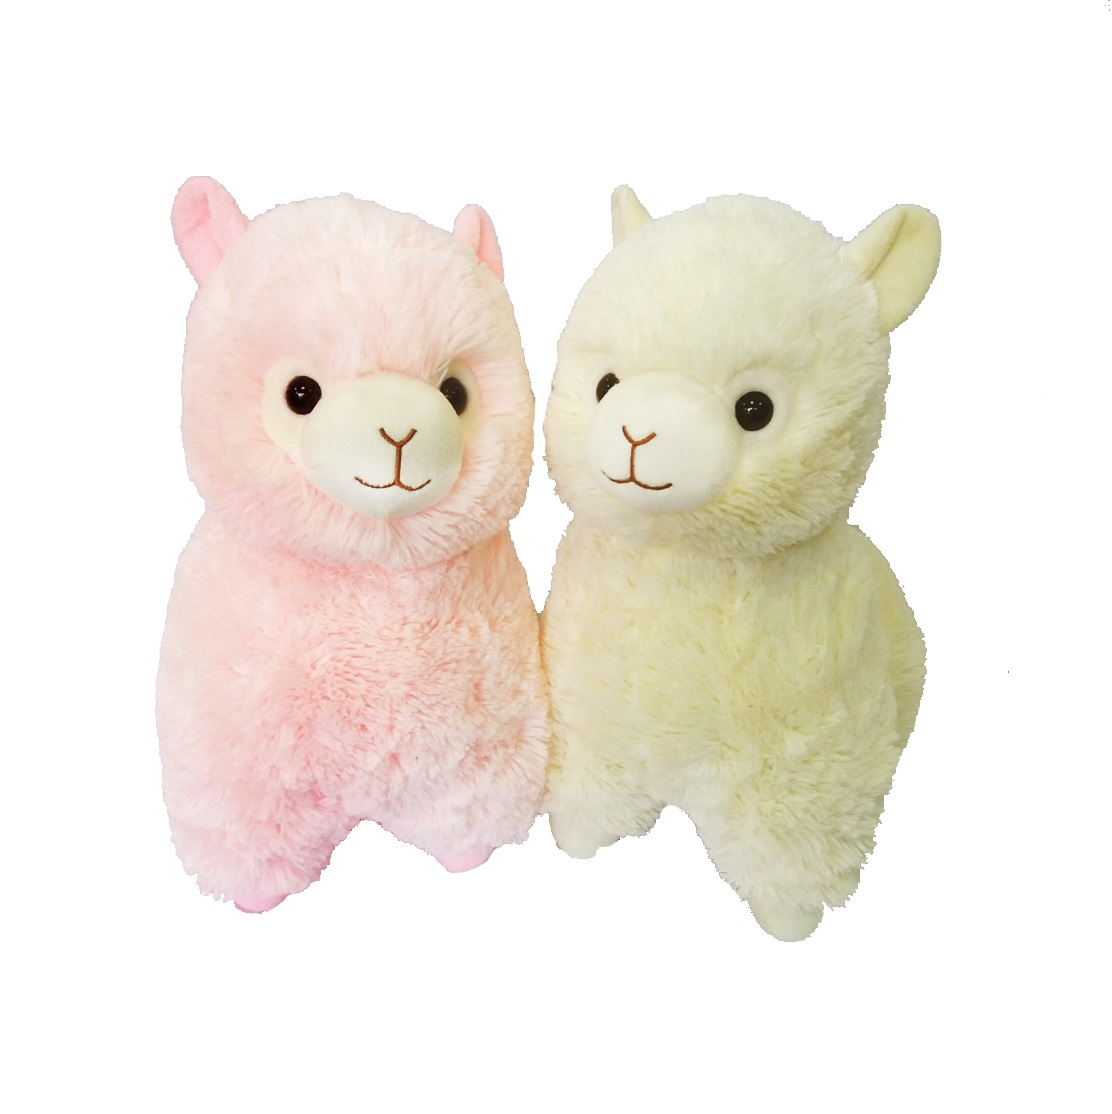 Игрушка мягкая альпака Dream makers/fancy мягкая игрушка fancy гламурная альпака белая 31 см